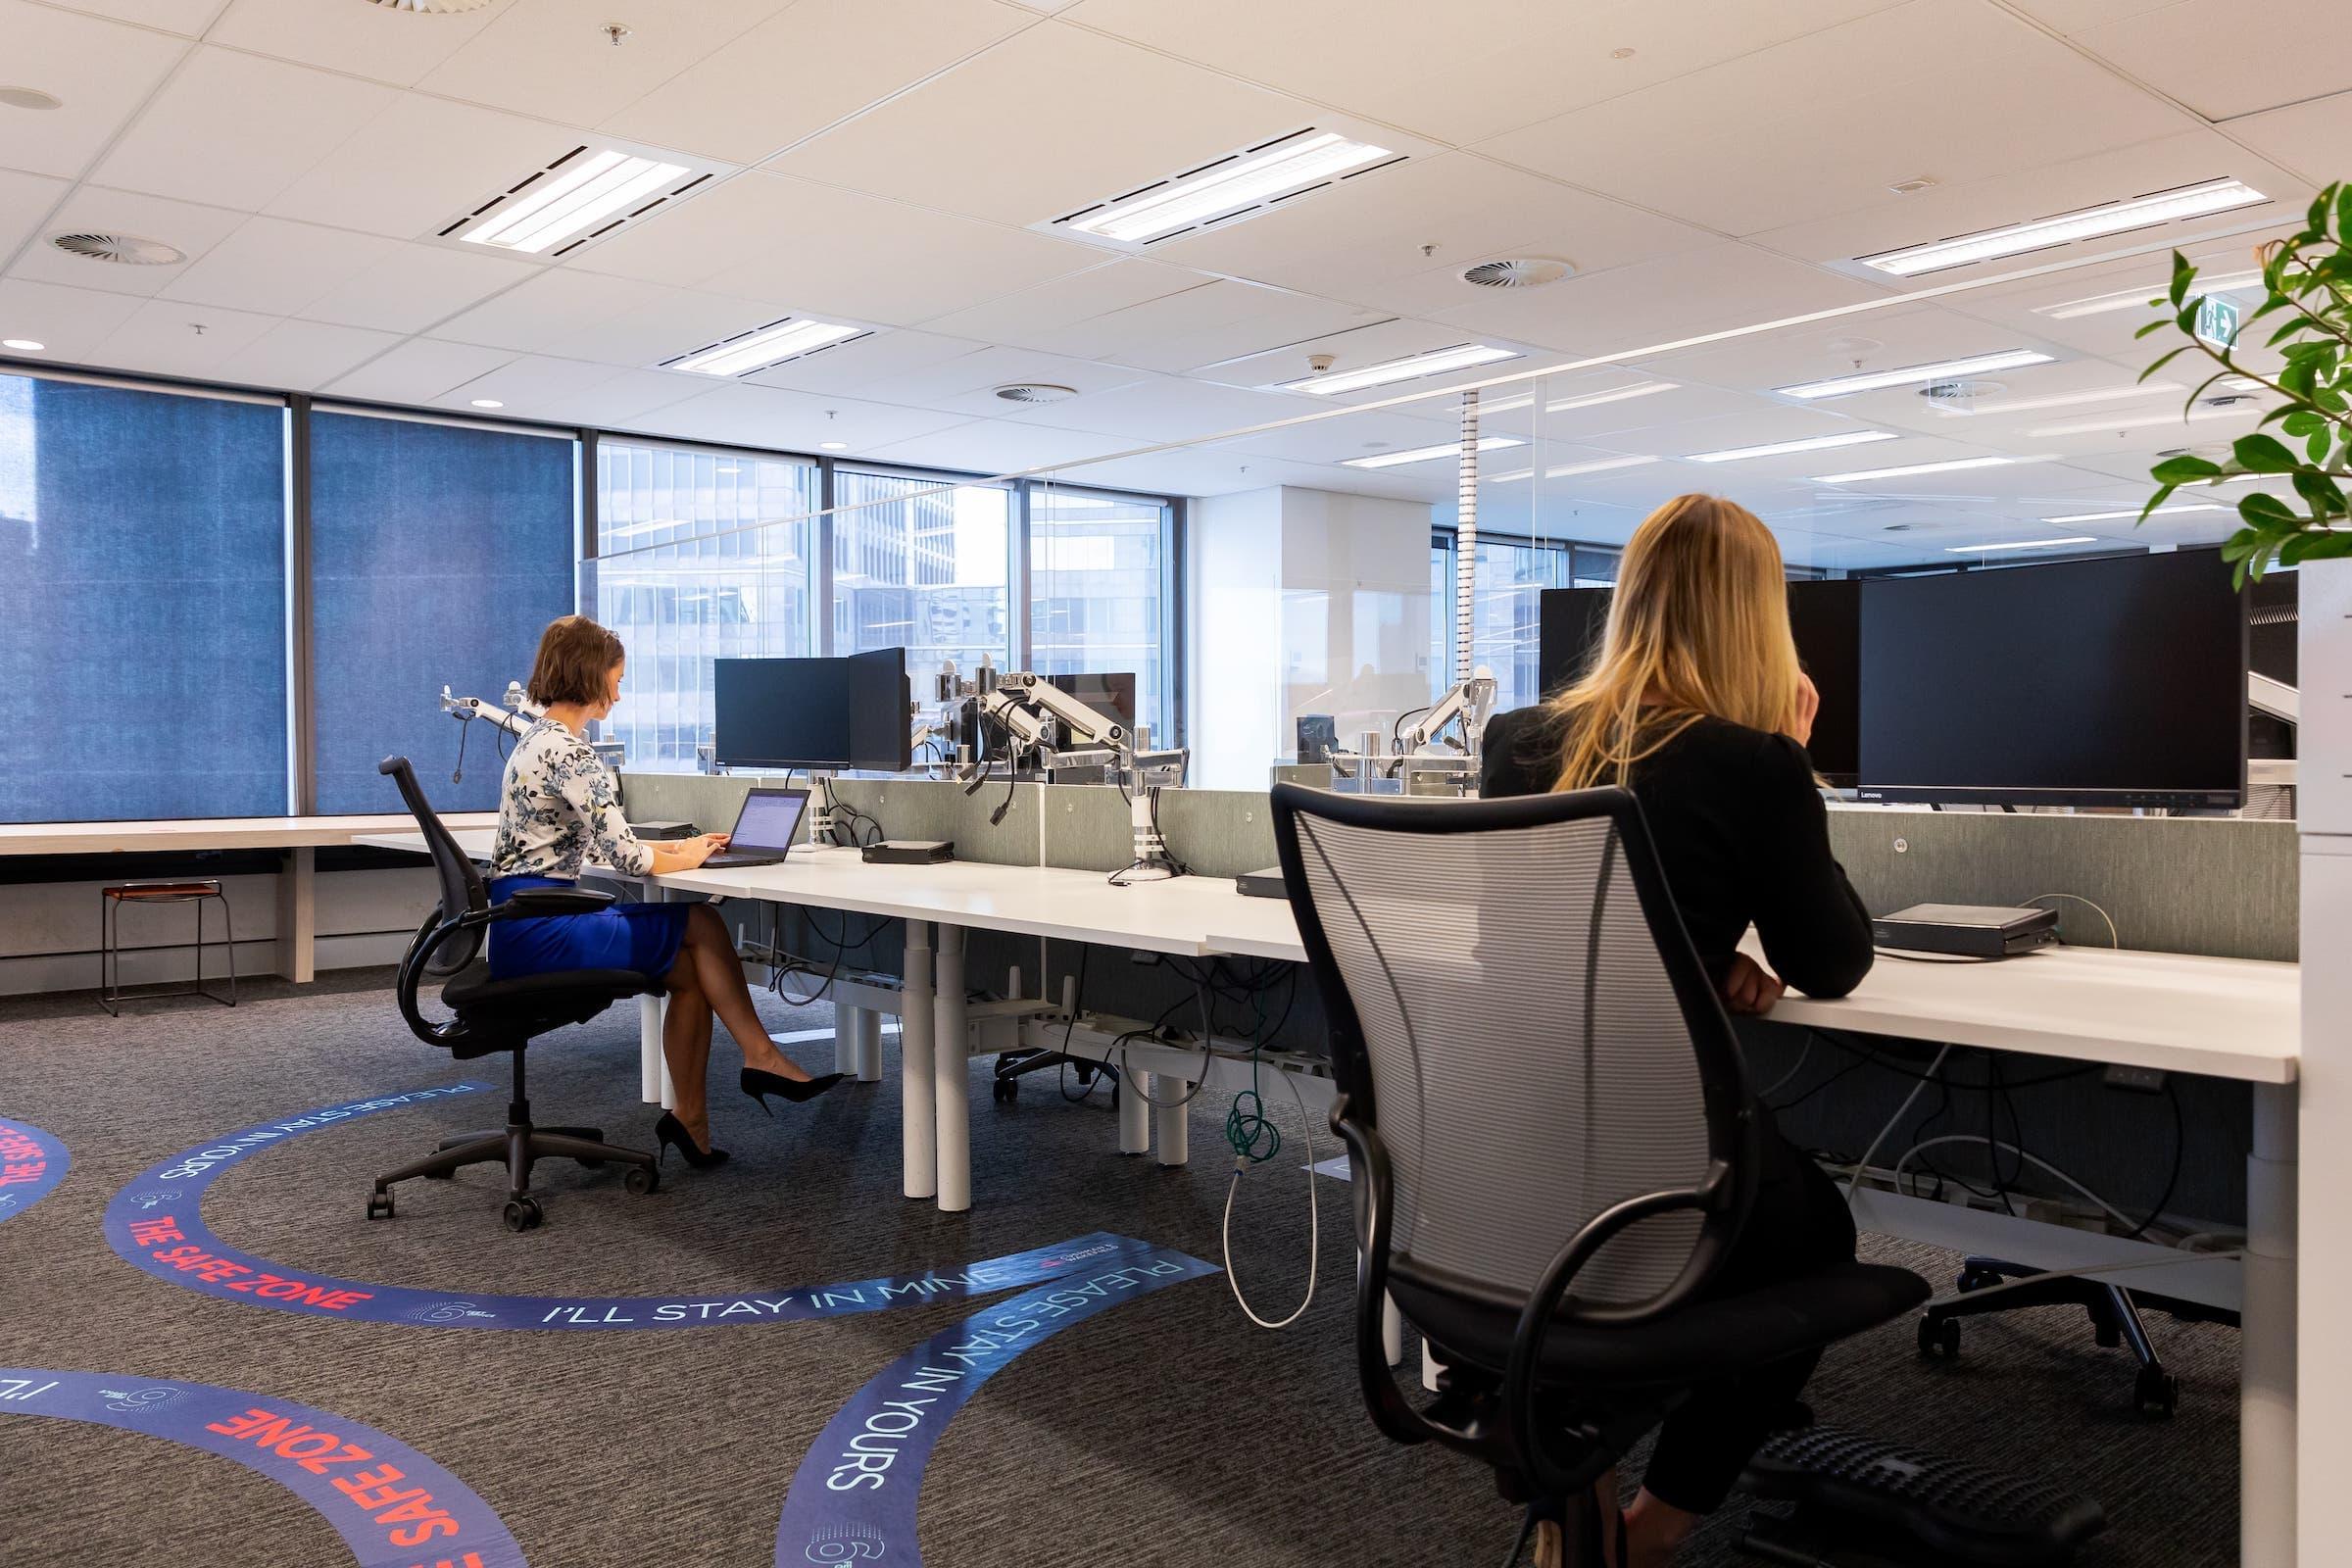 C&Wの提案する6フィートオフィス 床には距離を示す円形が、デスク前には飛沫防止のパネルが設置されている(シドニー/C&W提供)